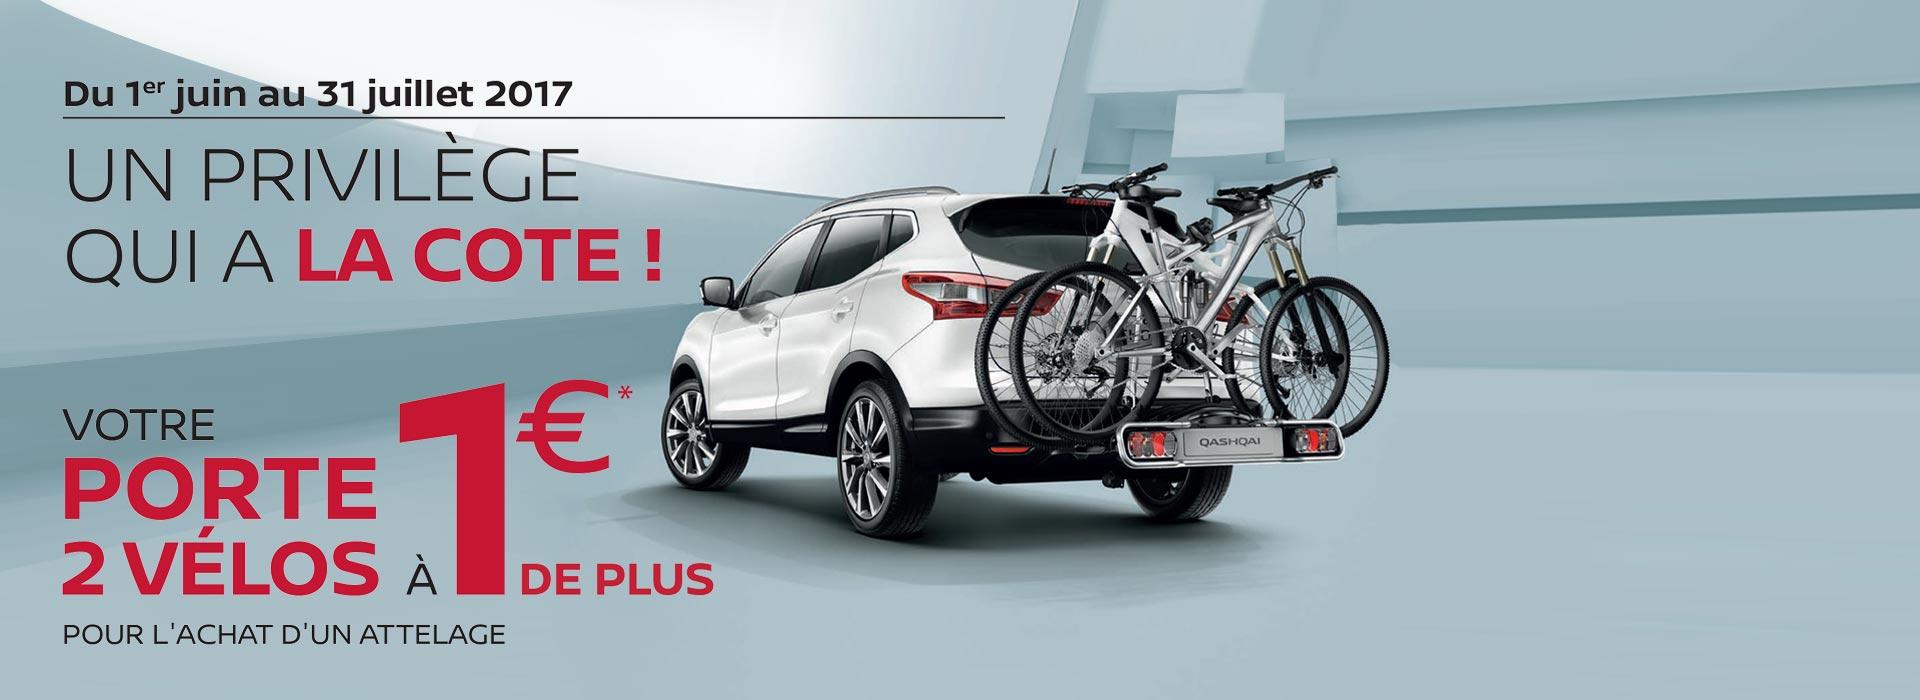 Offre Porte 2 vélos à 1 €